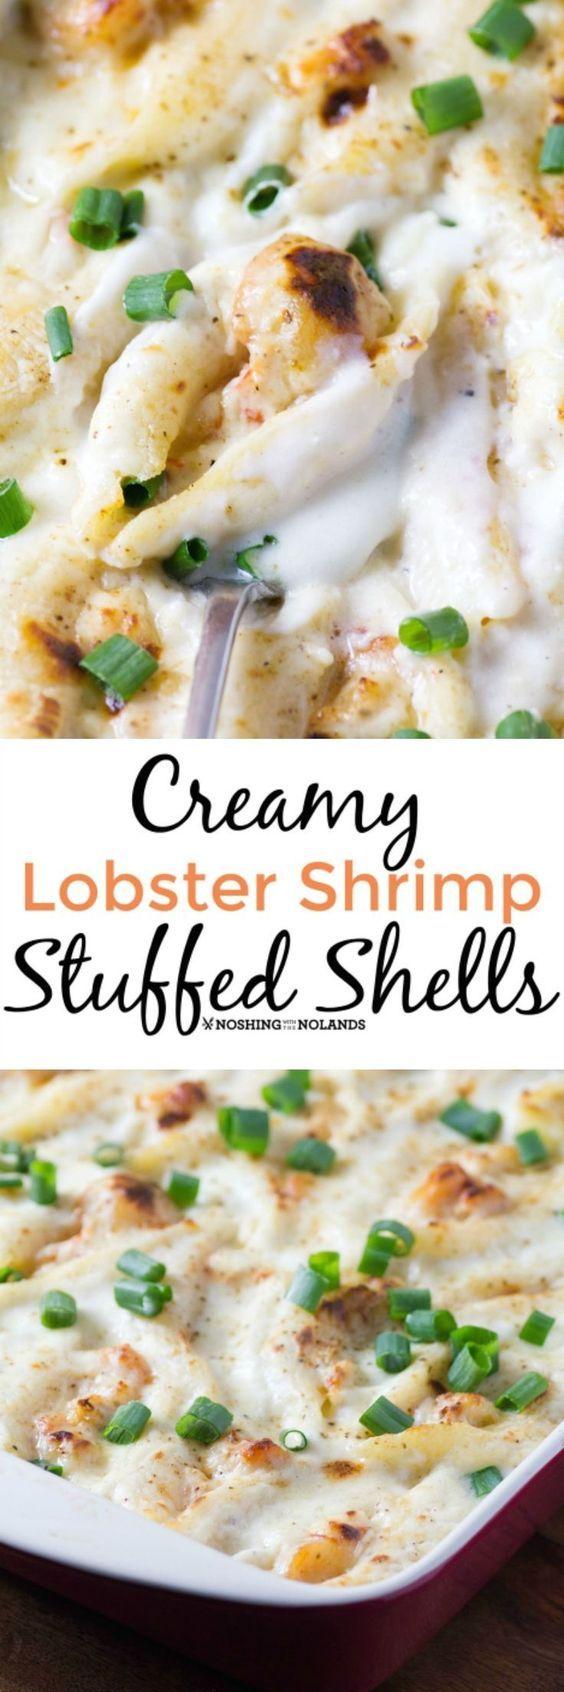 Creamy Lobster Shrimp Stuffed Shells Romantic Dinner For Twoa